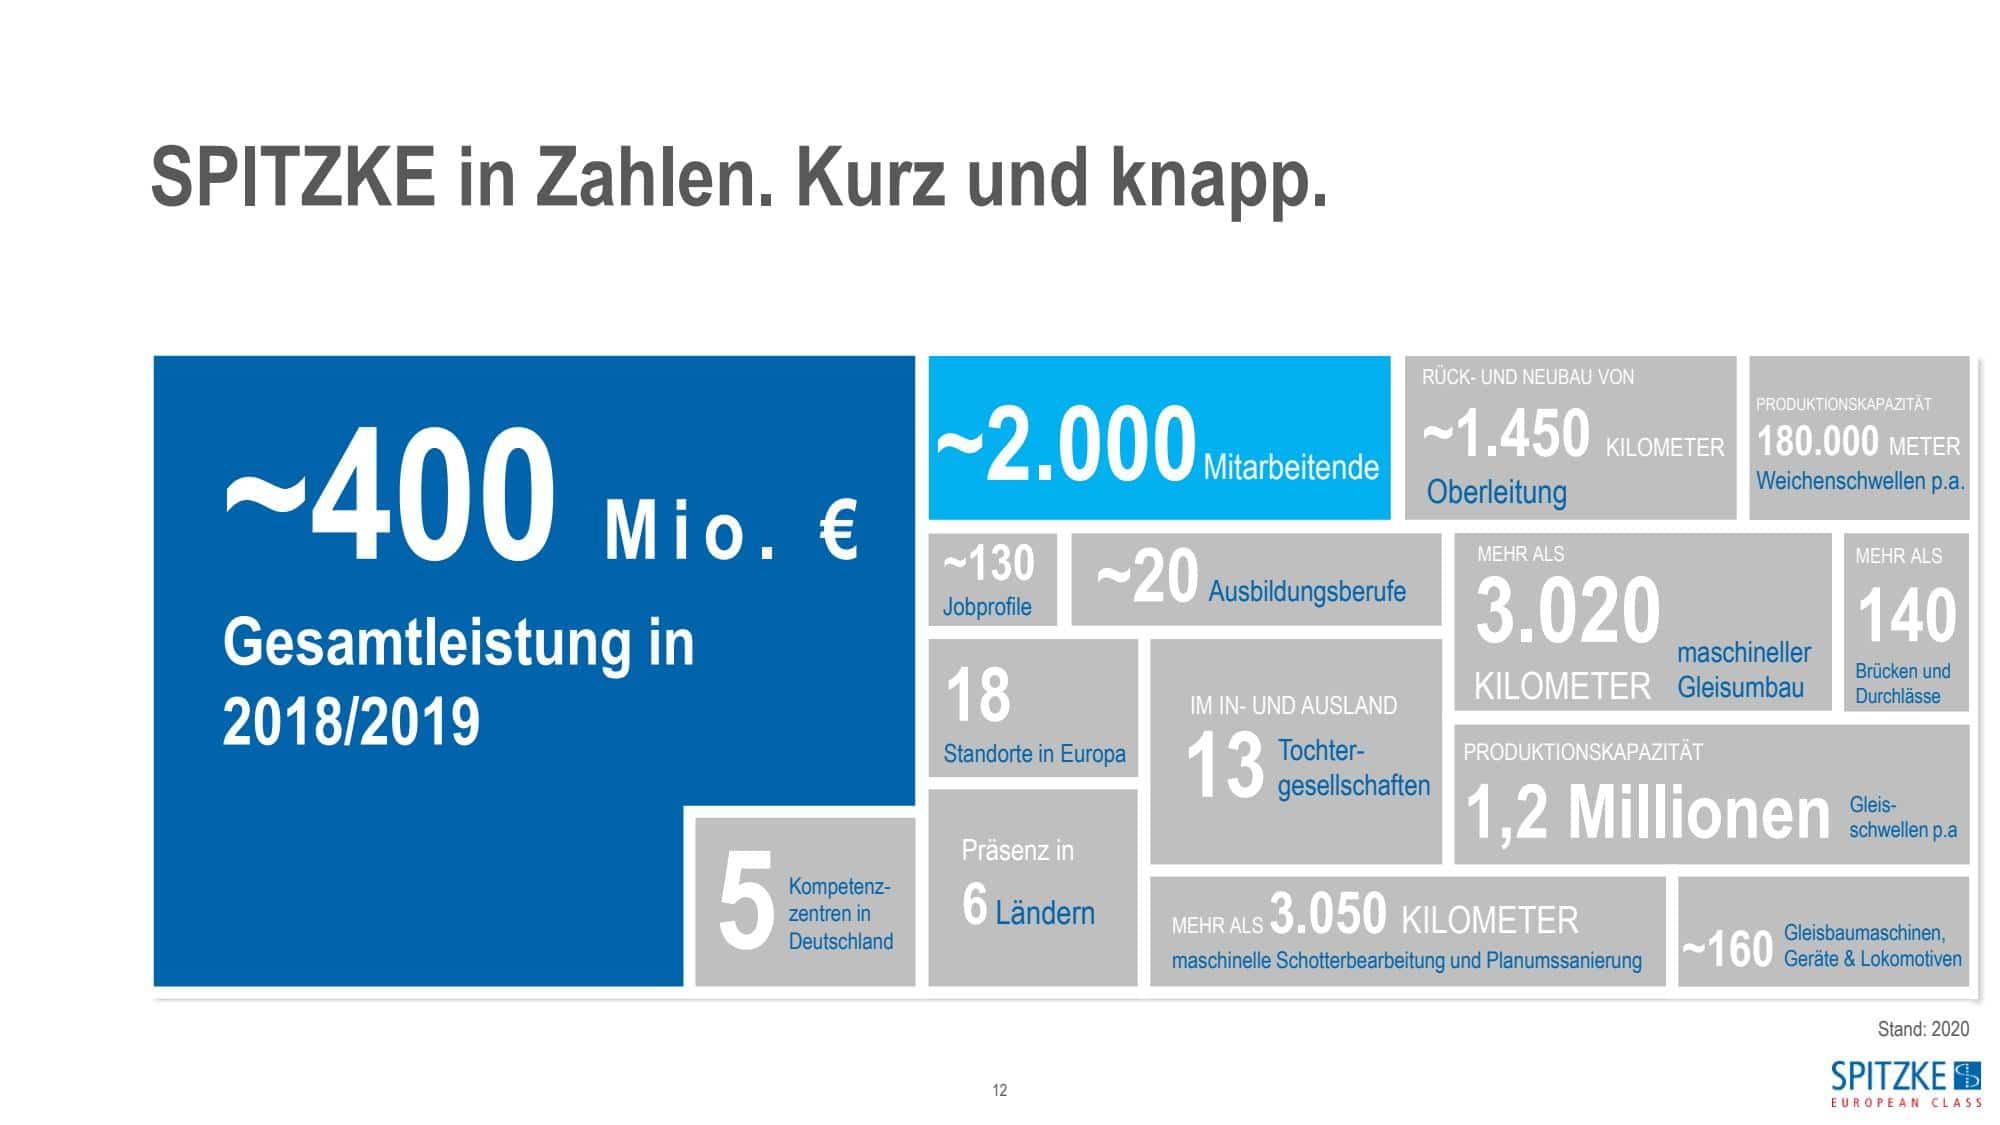 Präsentation UG SPITZKE_2020_HR_page_12